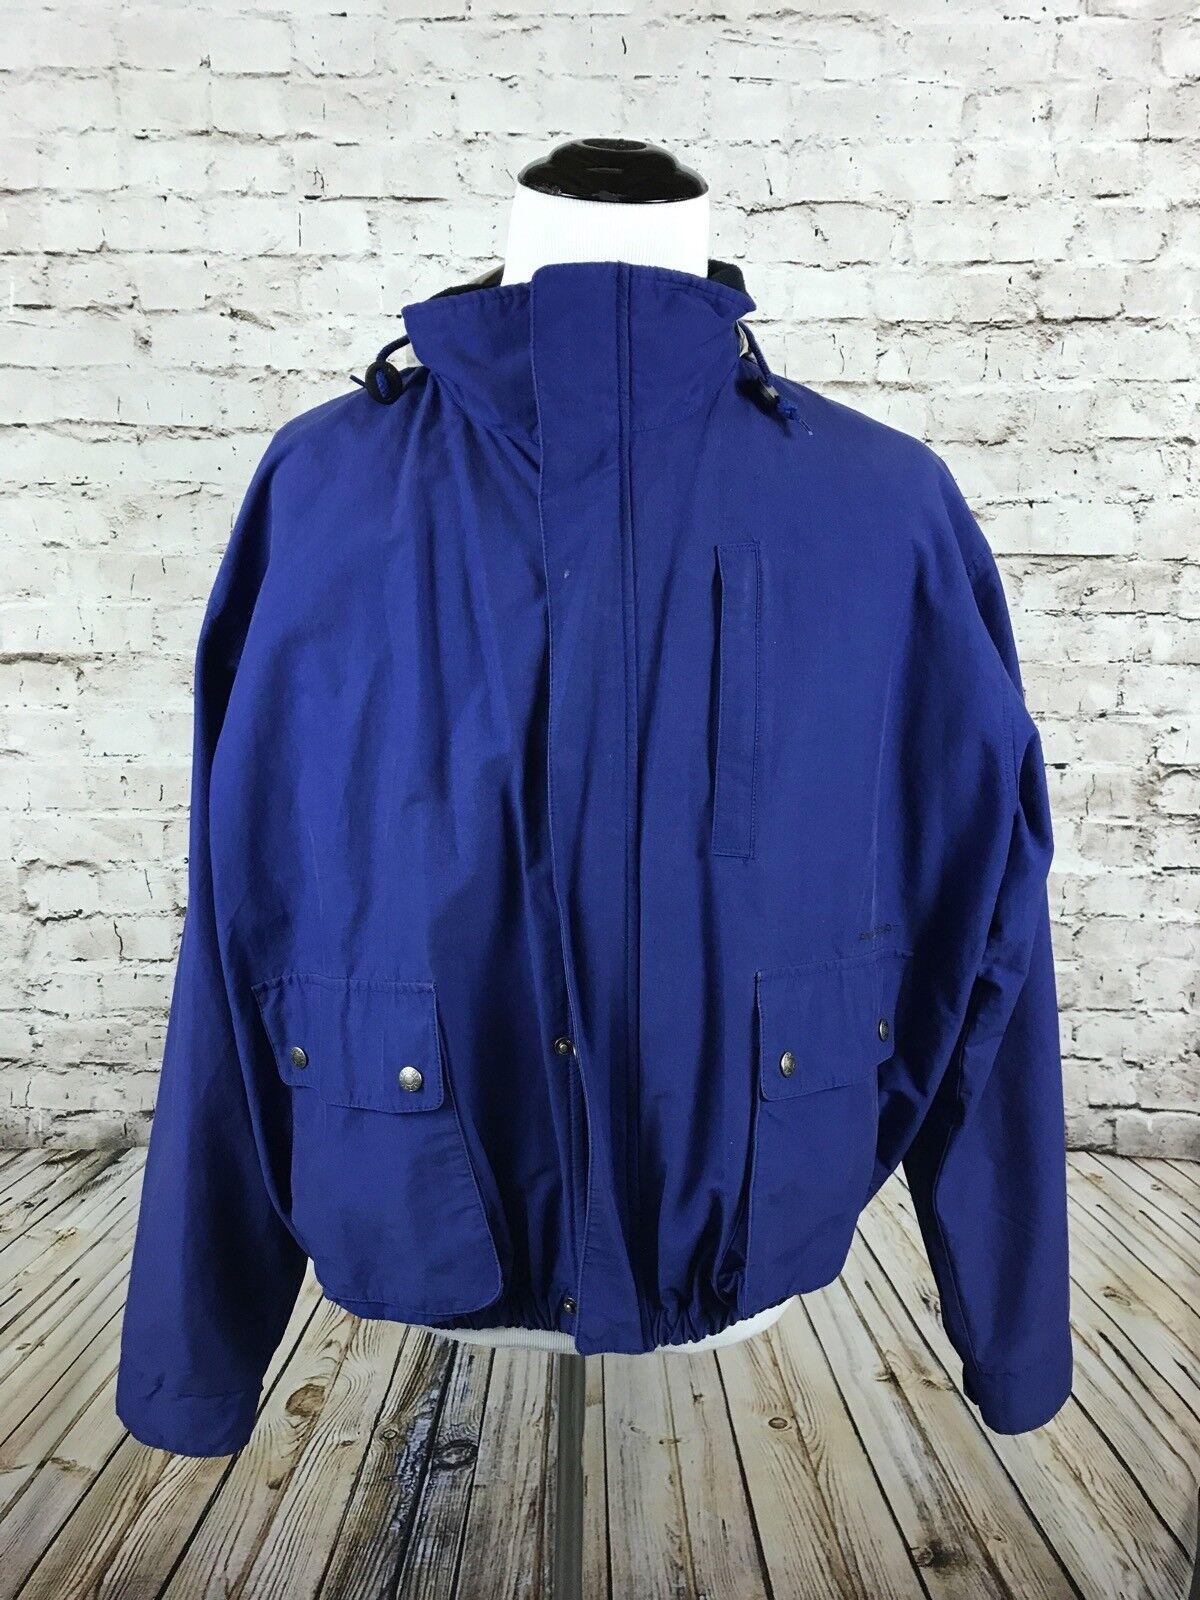 Vtg Polo Sport Ralph Lauren männer's jacke Hood Größe XL Spell Out Blau Coat